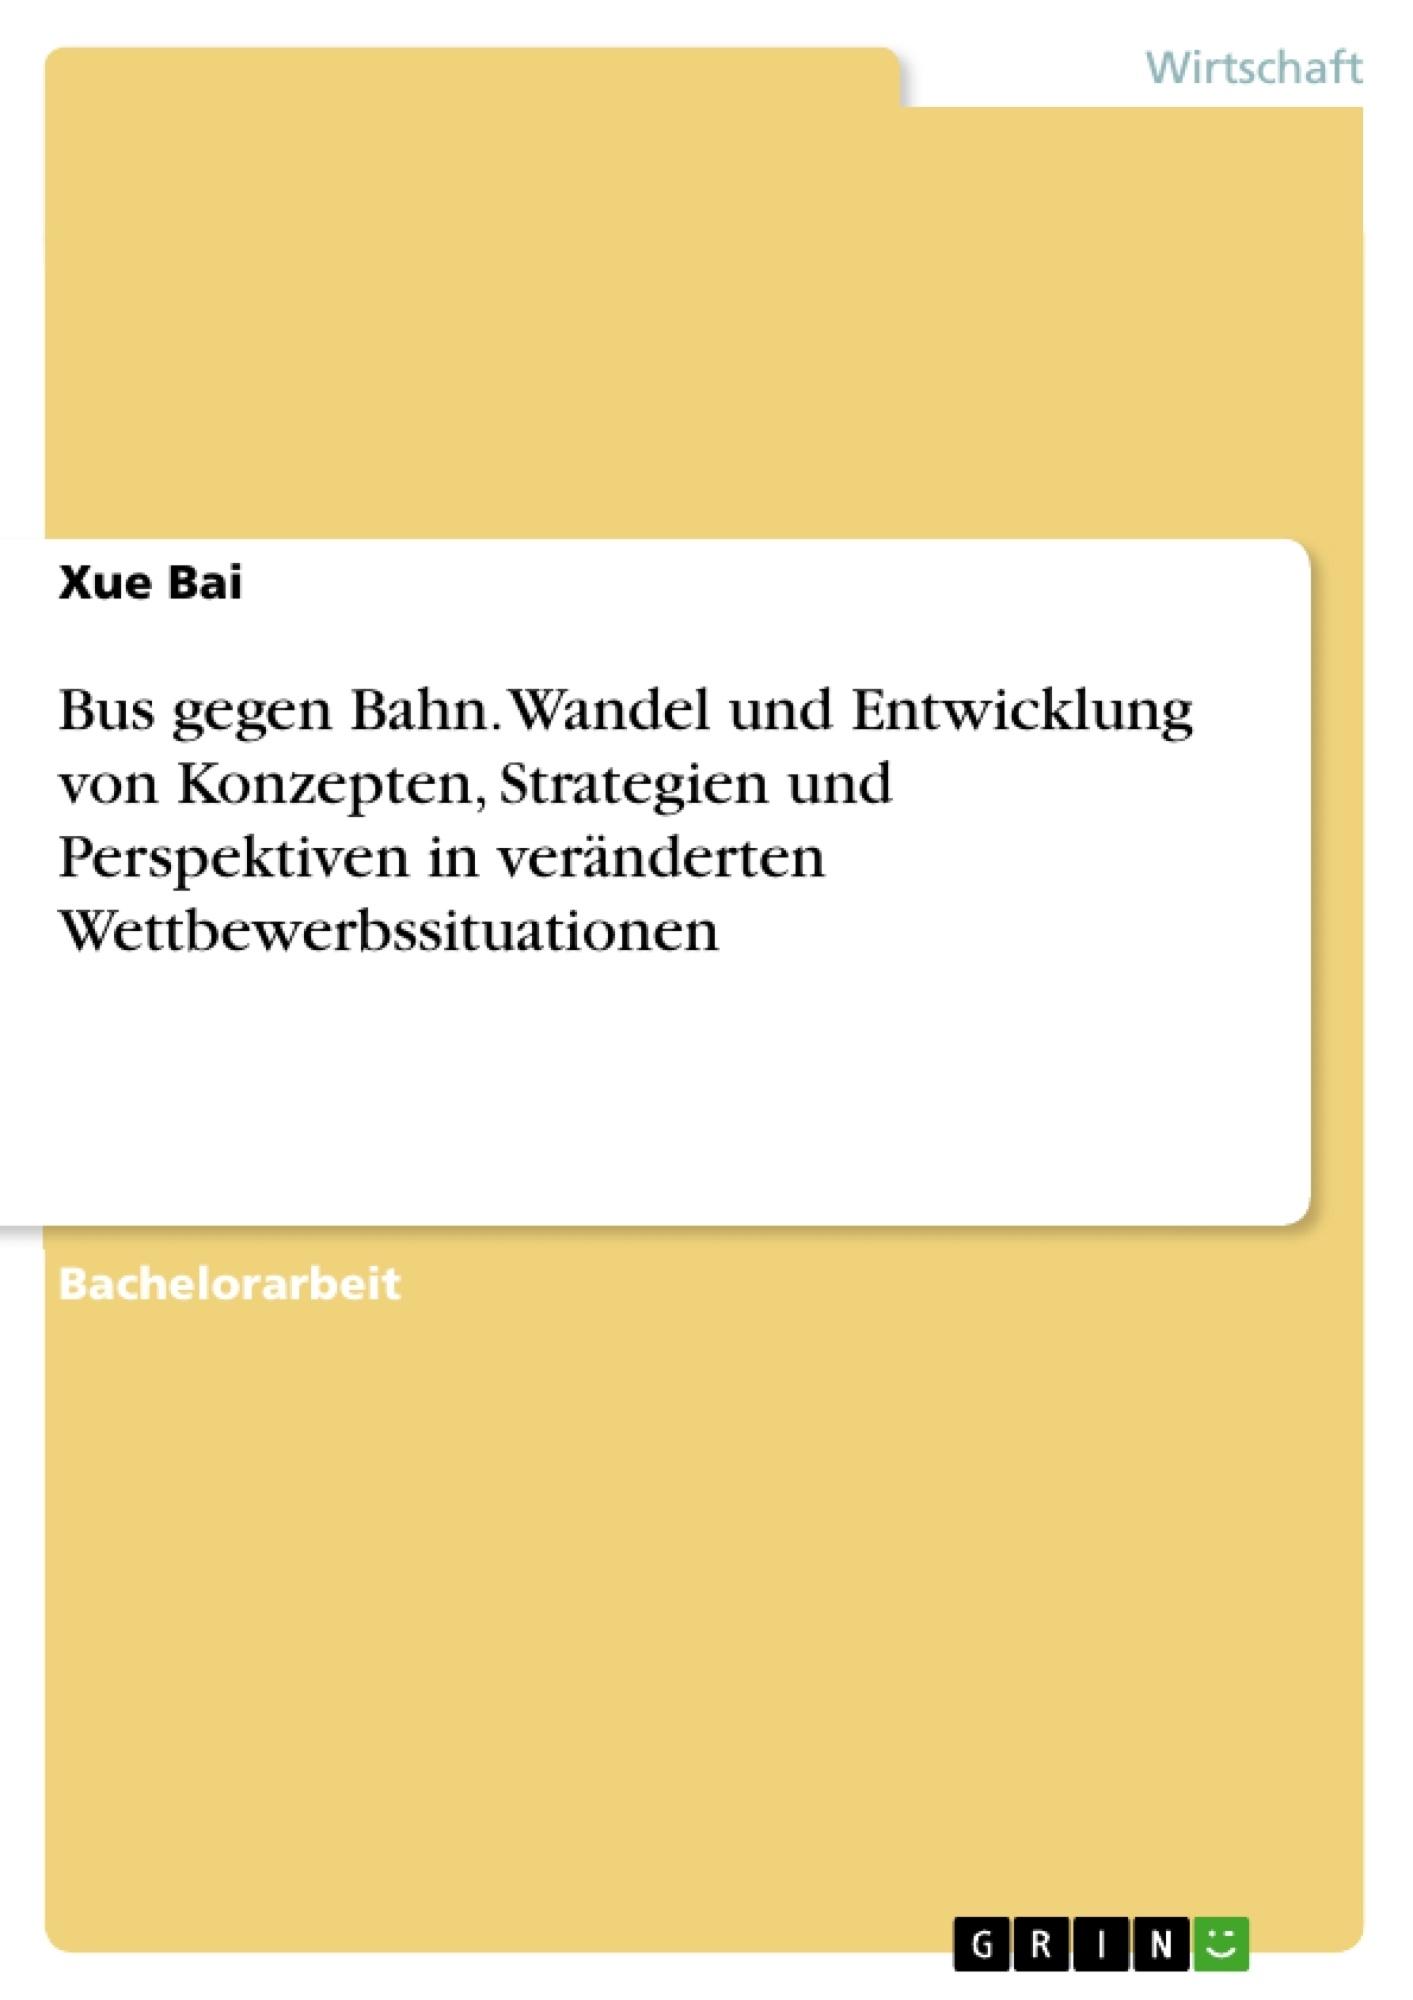 Titel: Bus gegen Bahn. Wandel und Entwicklung von Konzepten, Strategien und Perspektiven in veränderten Wettbewerbssituationen